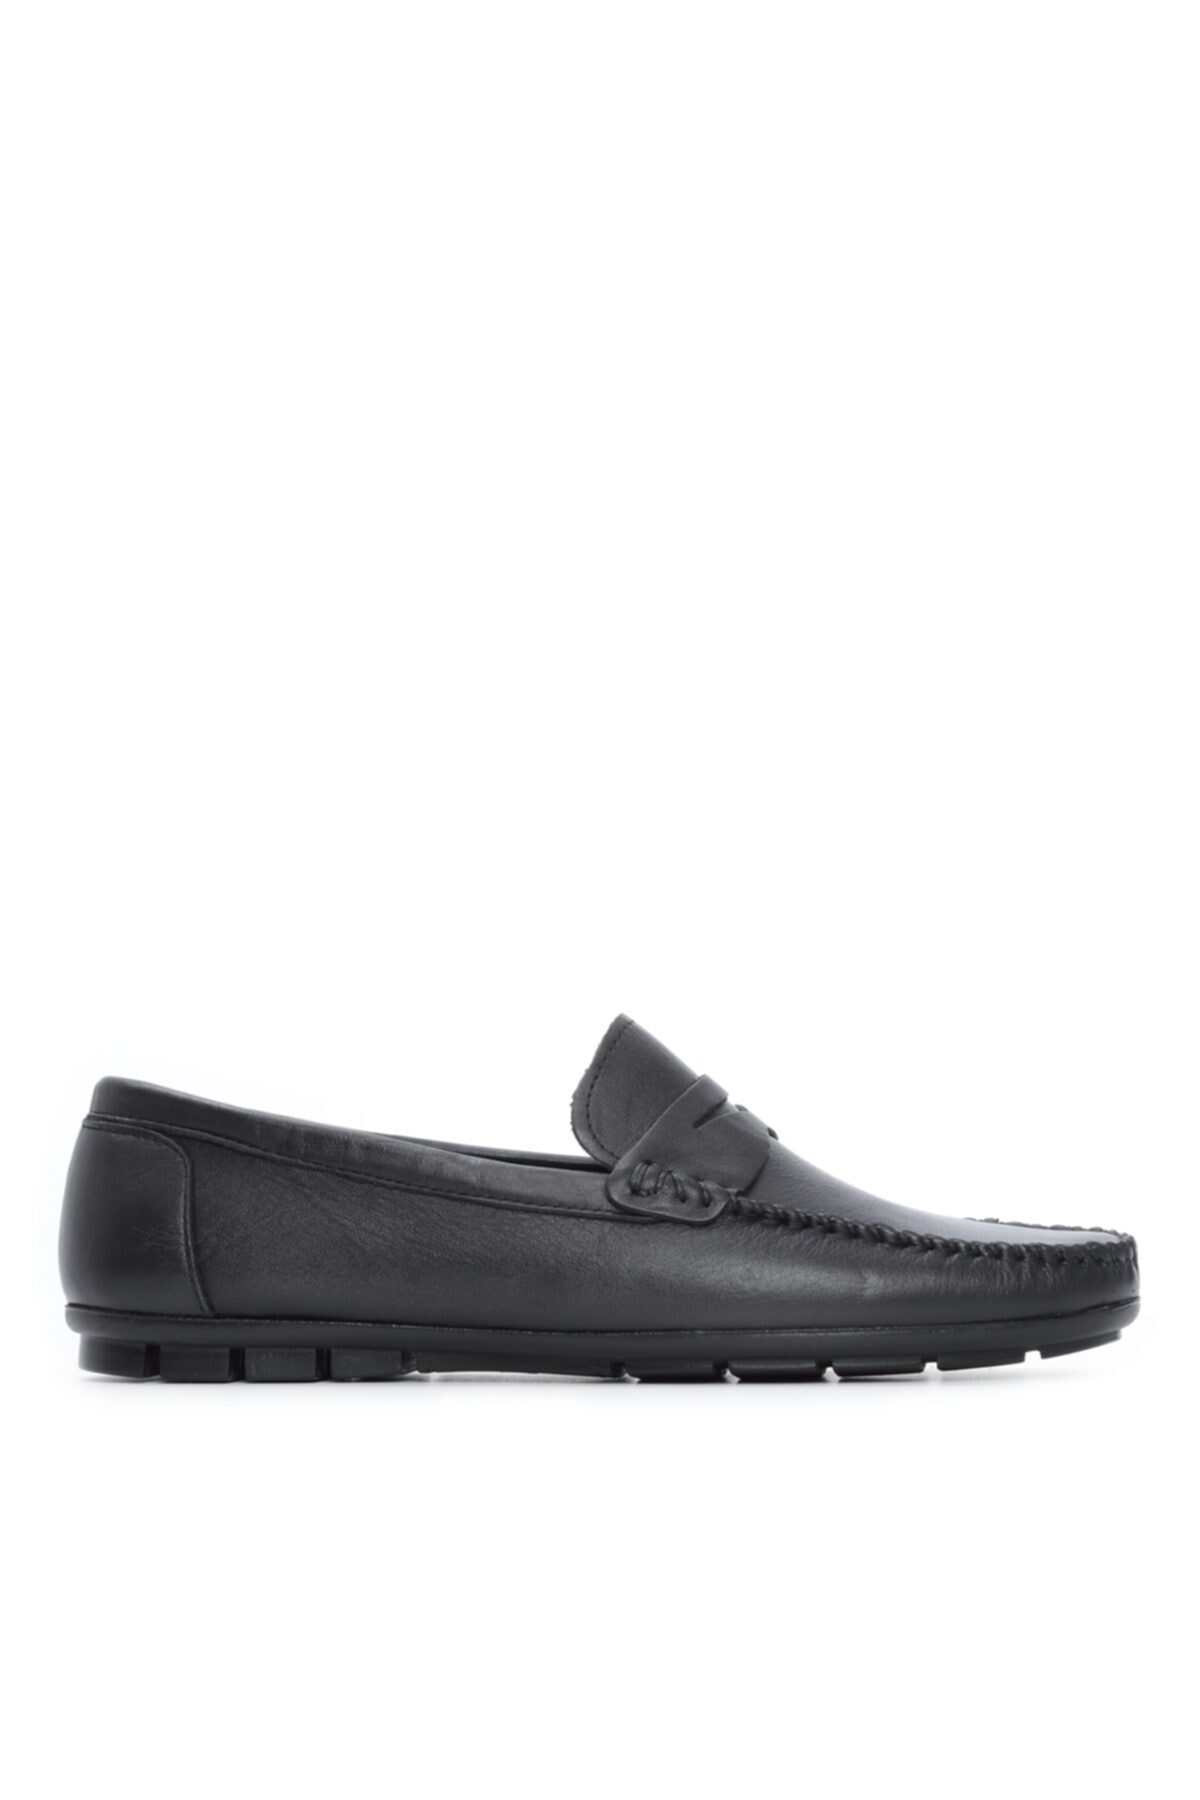 Erkek Derı Ayakkabı Ayakkabı 682 1001 Erk Ayk Y21